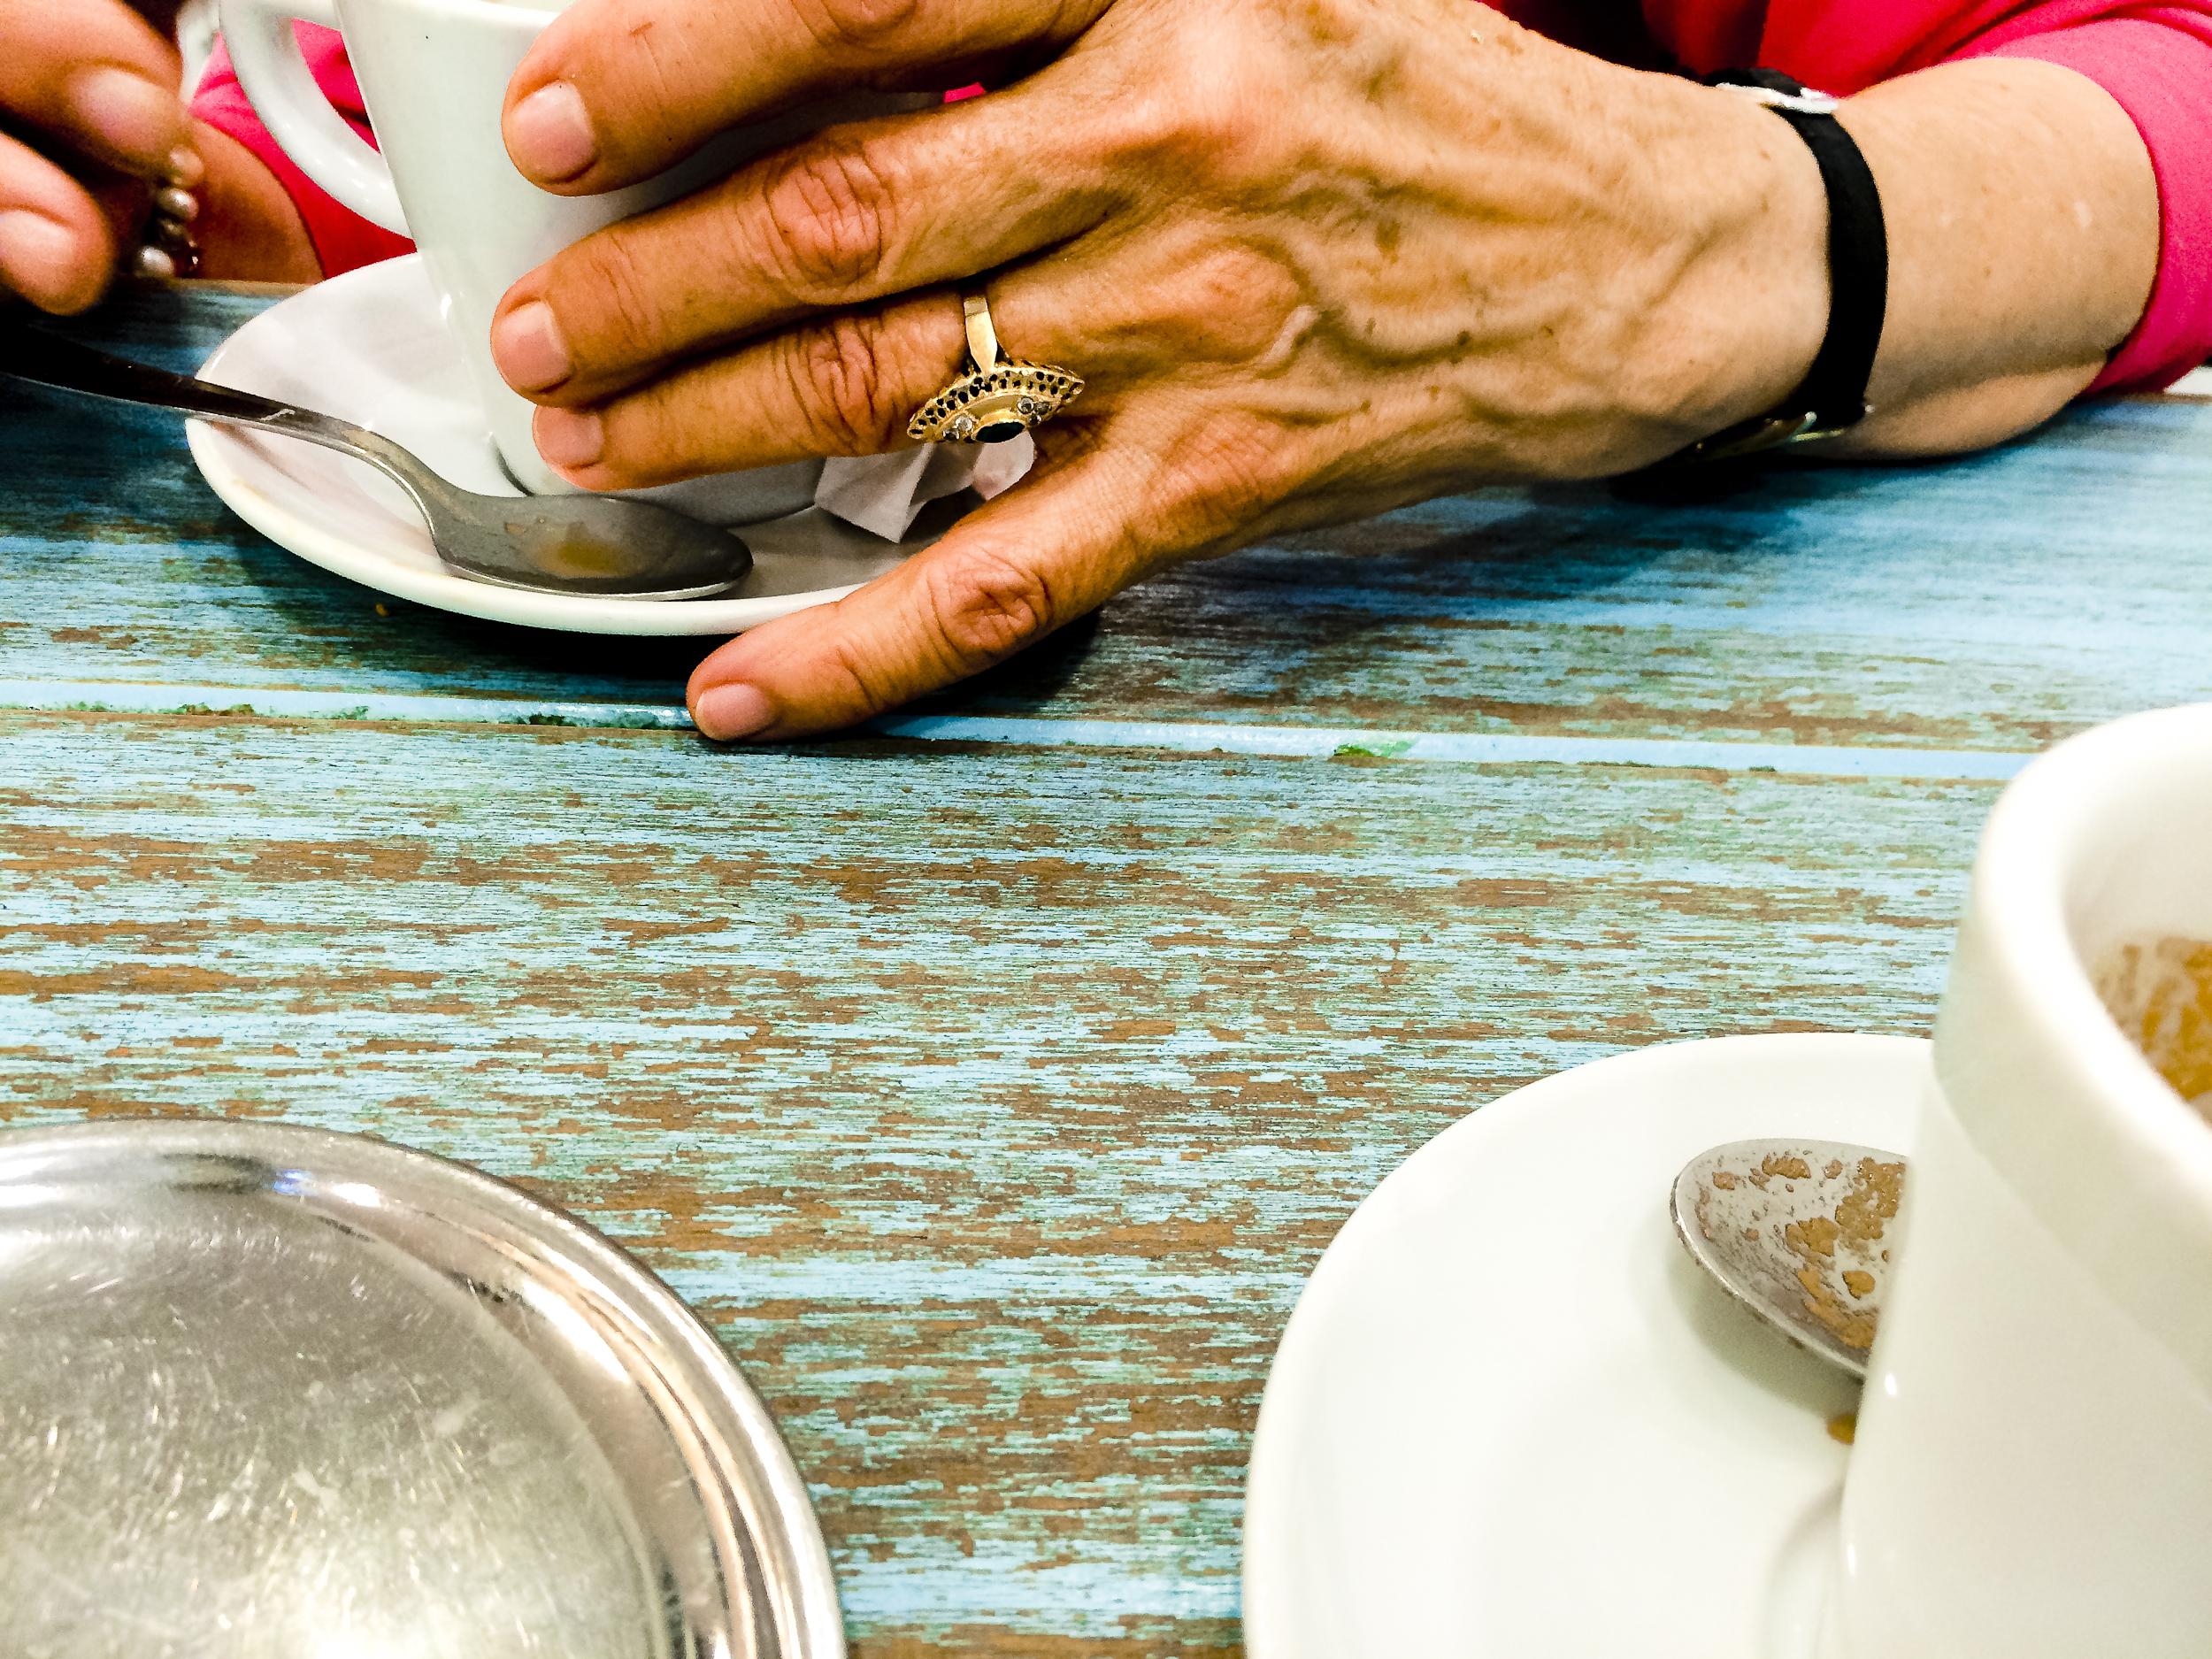 ivan_clemente_Coffee1-2.JPG